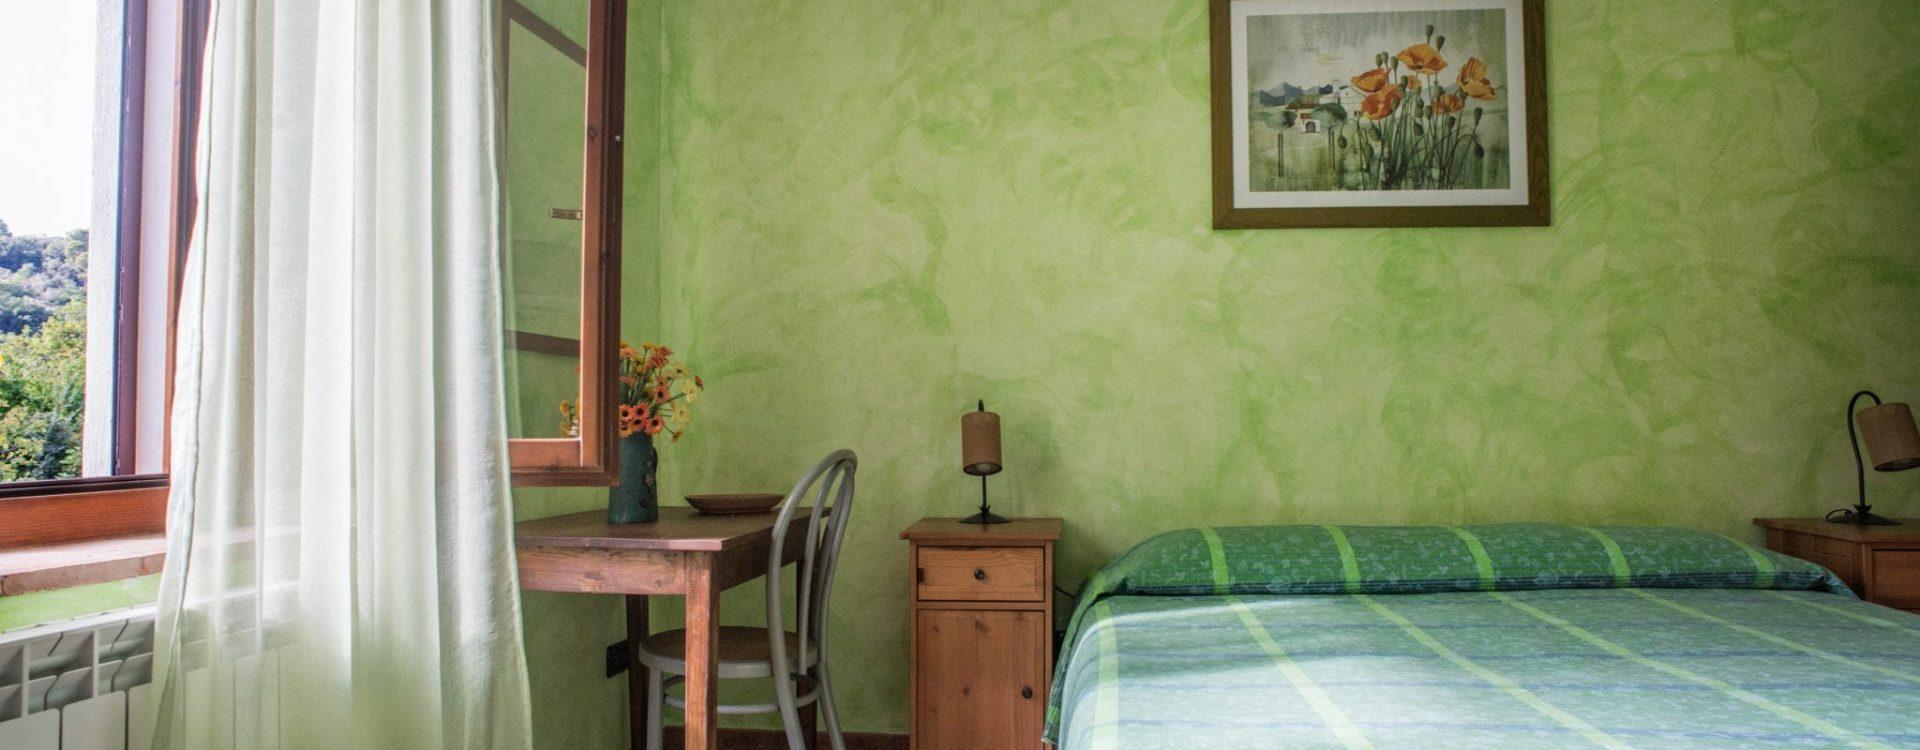 verde-3